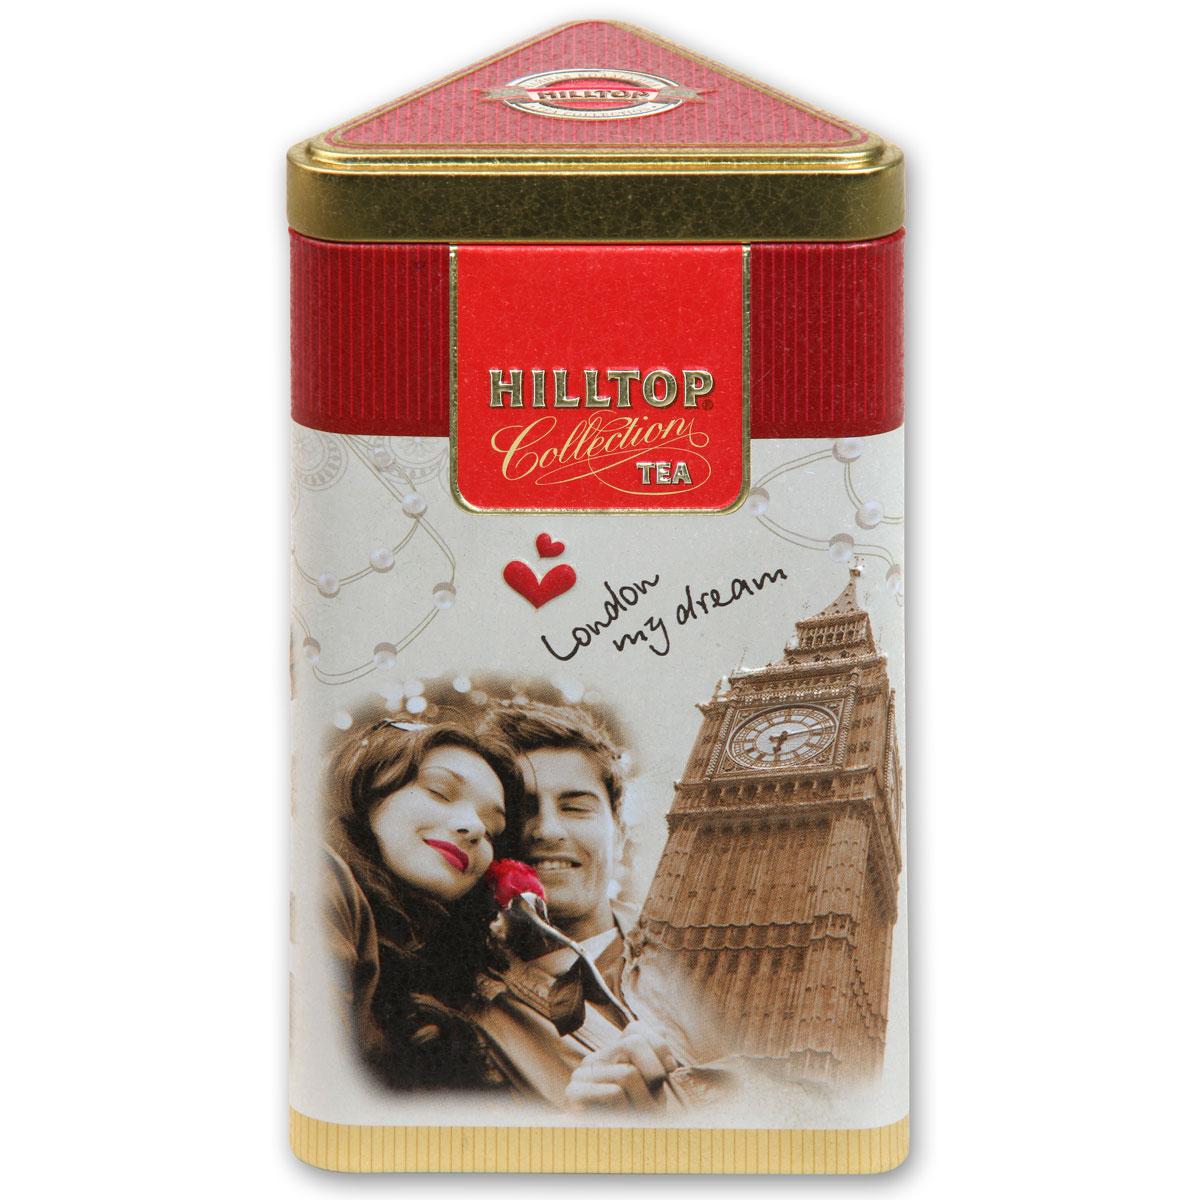 Hilltop Прогулки по Лондону улун листовой, 80 г0350-42Романтическая коллекция Hilltop Прогулки по Лондону – это история путешествия для двоих, запечатленная в ароматном чае. Лучший чай Молочный Улун, напоминающий о самых драгоценных минутах, по каплям наполняющих нашу жизнь наполнен нежным ароматом свежих сливок. Красивая упаковка позволит подарить этот чай вашим близким на любое торжество!